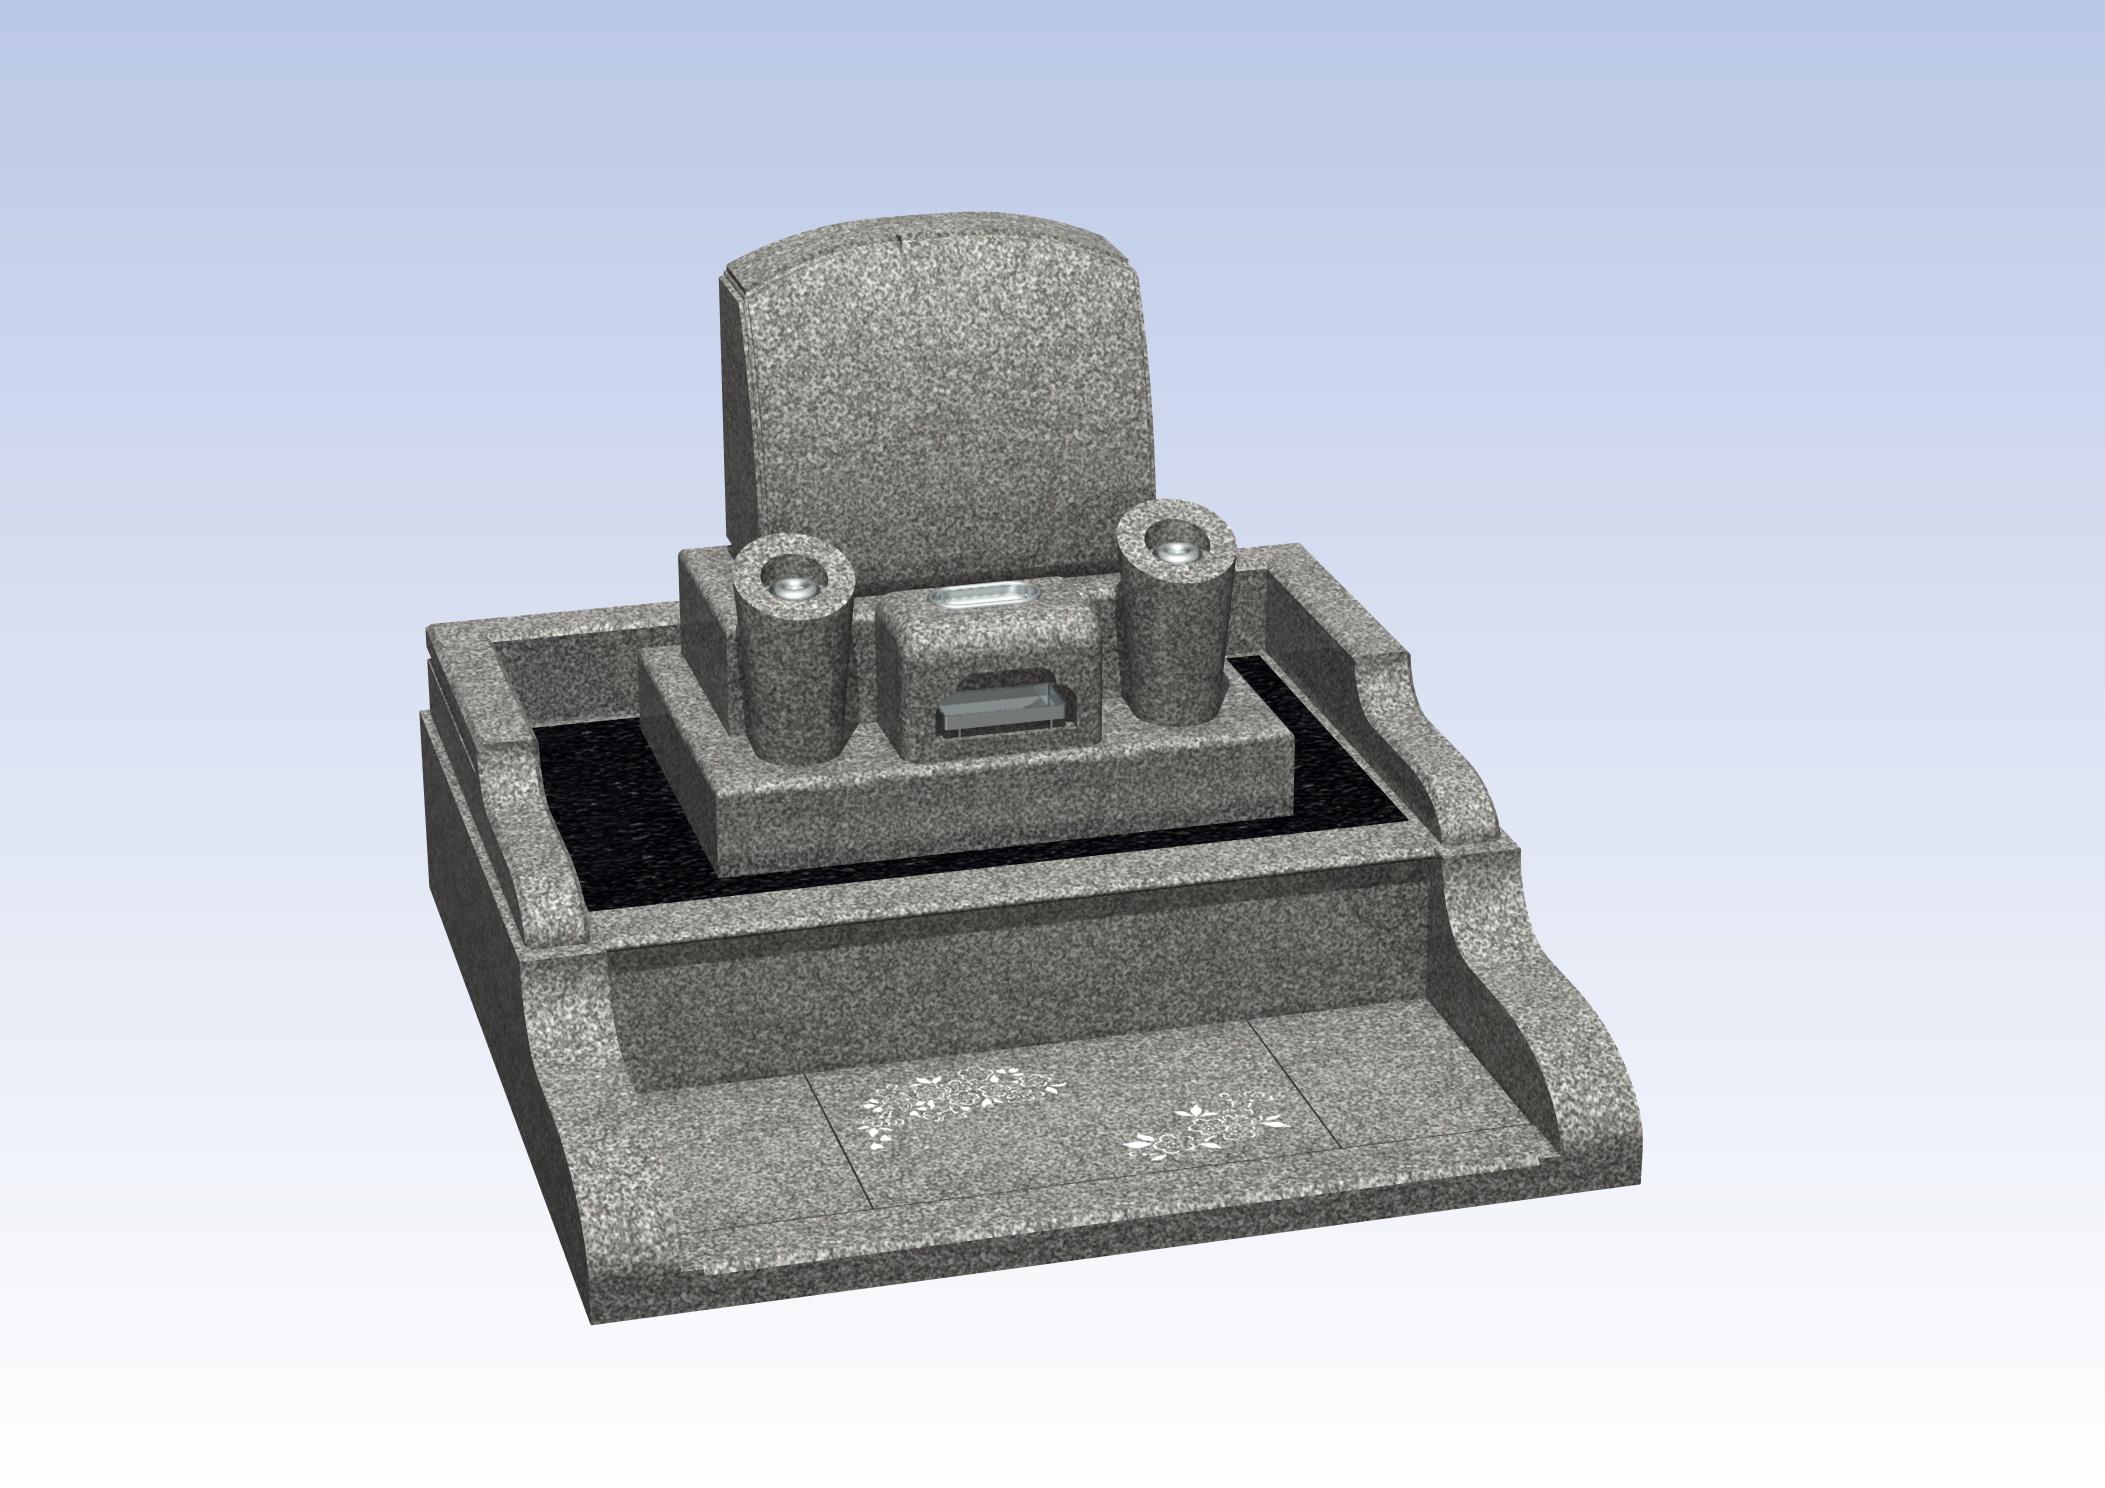 施工例洋型デザイン3-6 泉佐野市 公園墓地のBefore画像